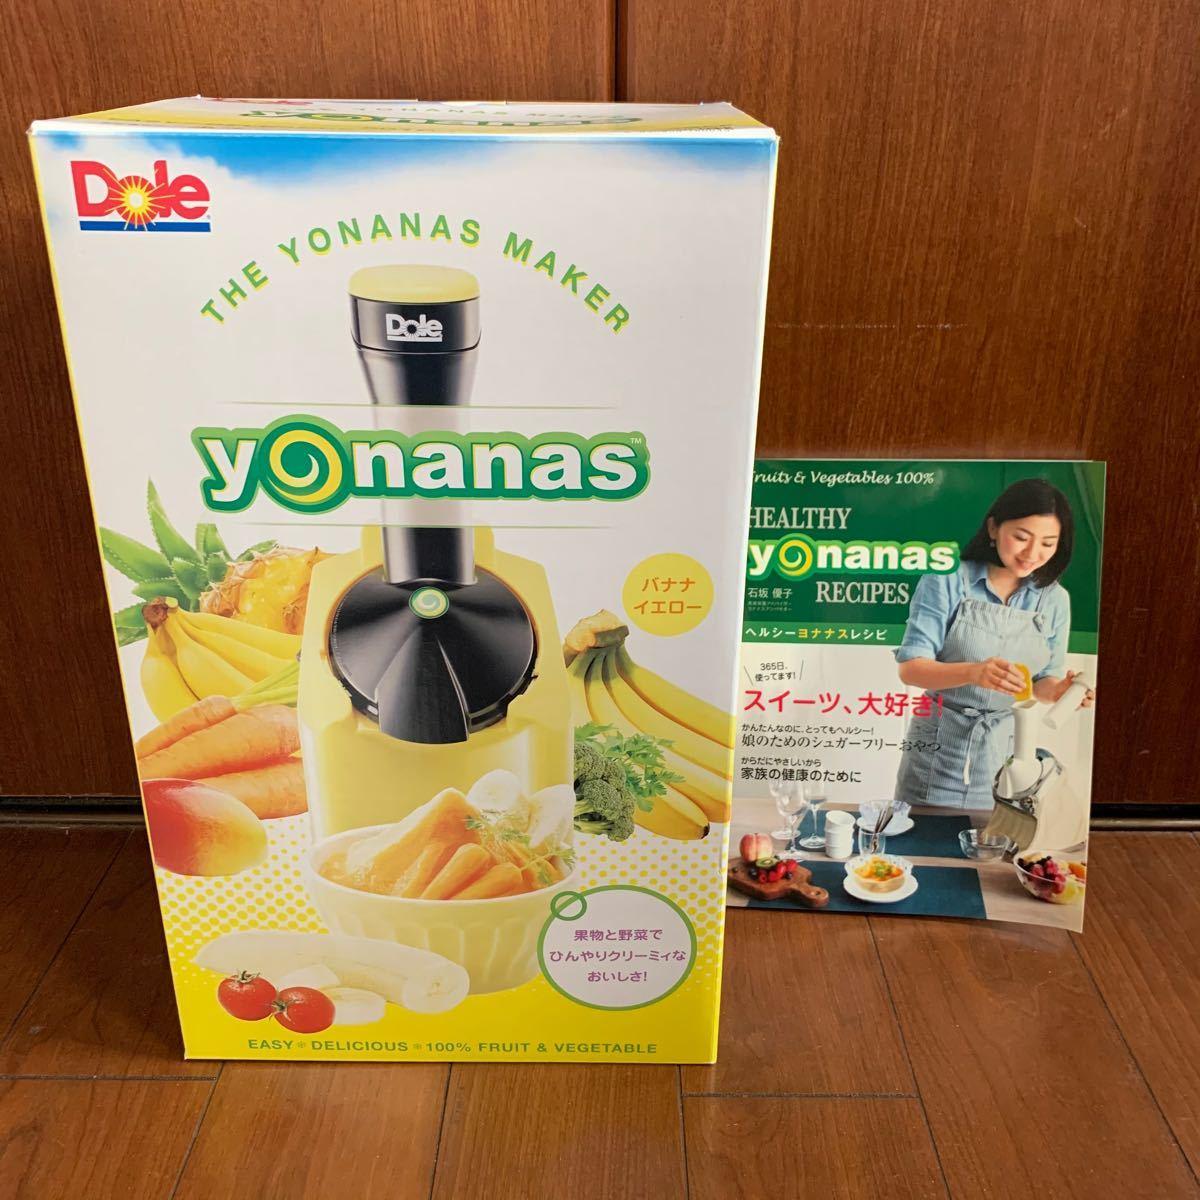 Dole ヨナナスメーカー yonanas レシピ本